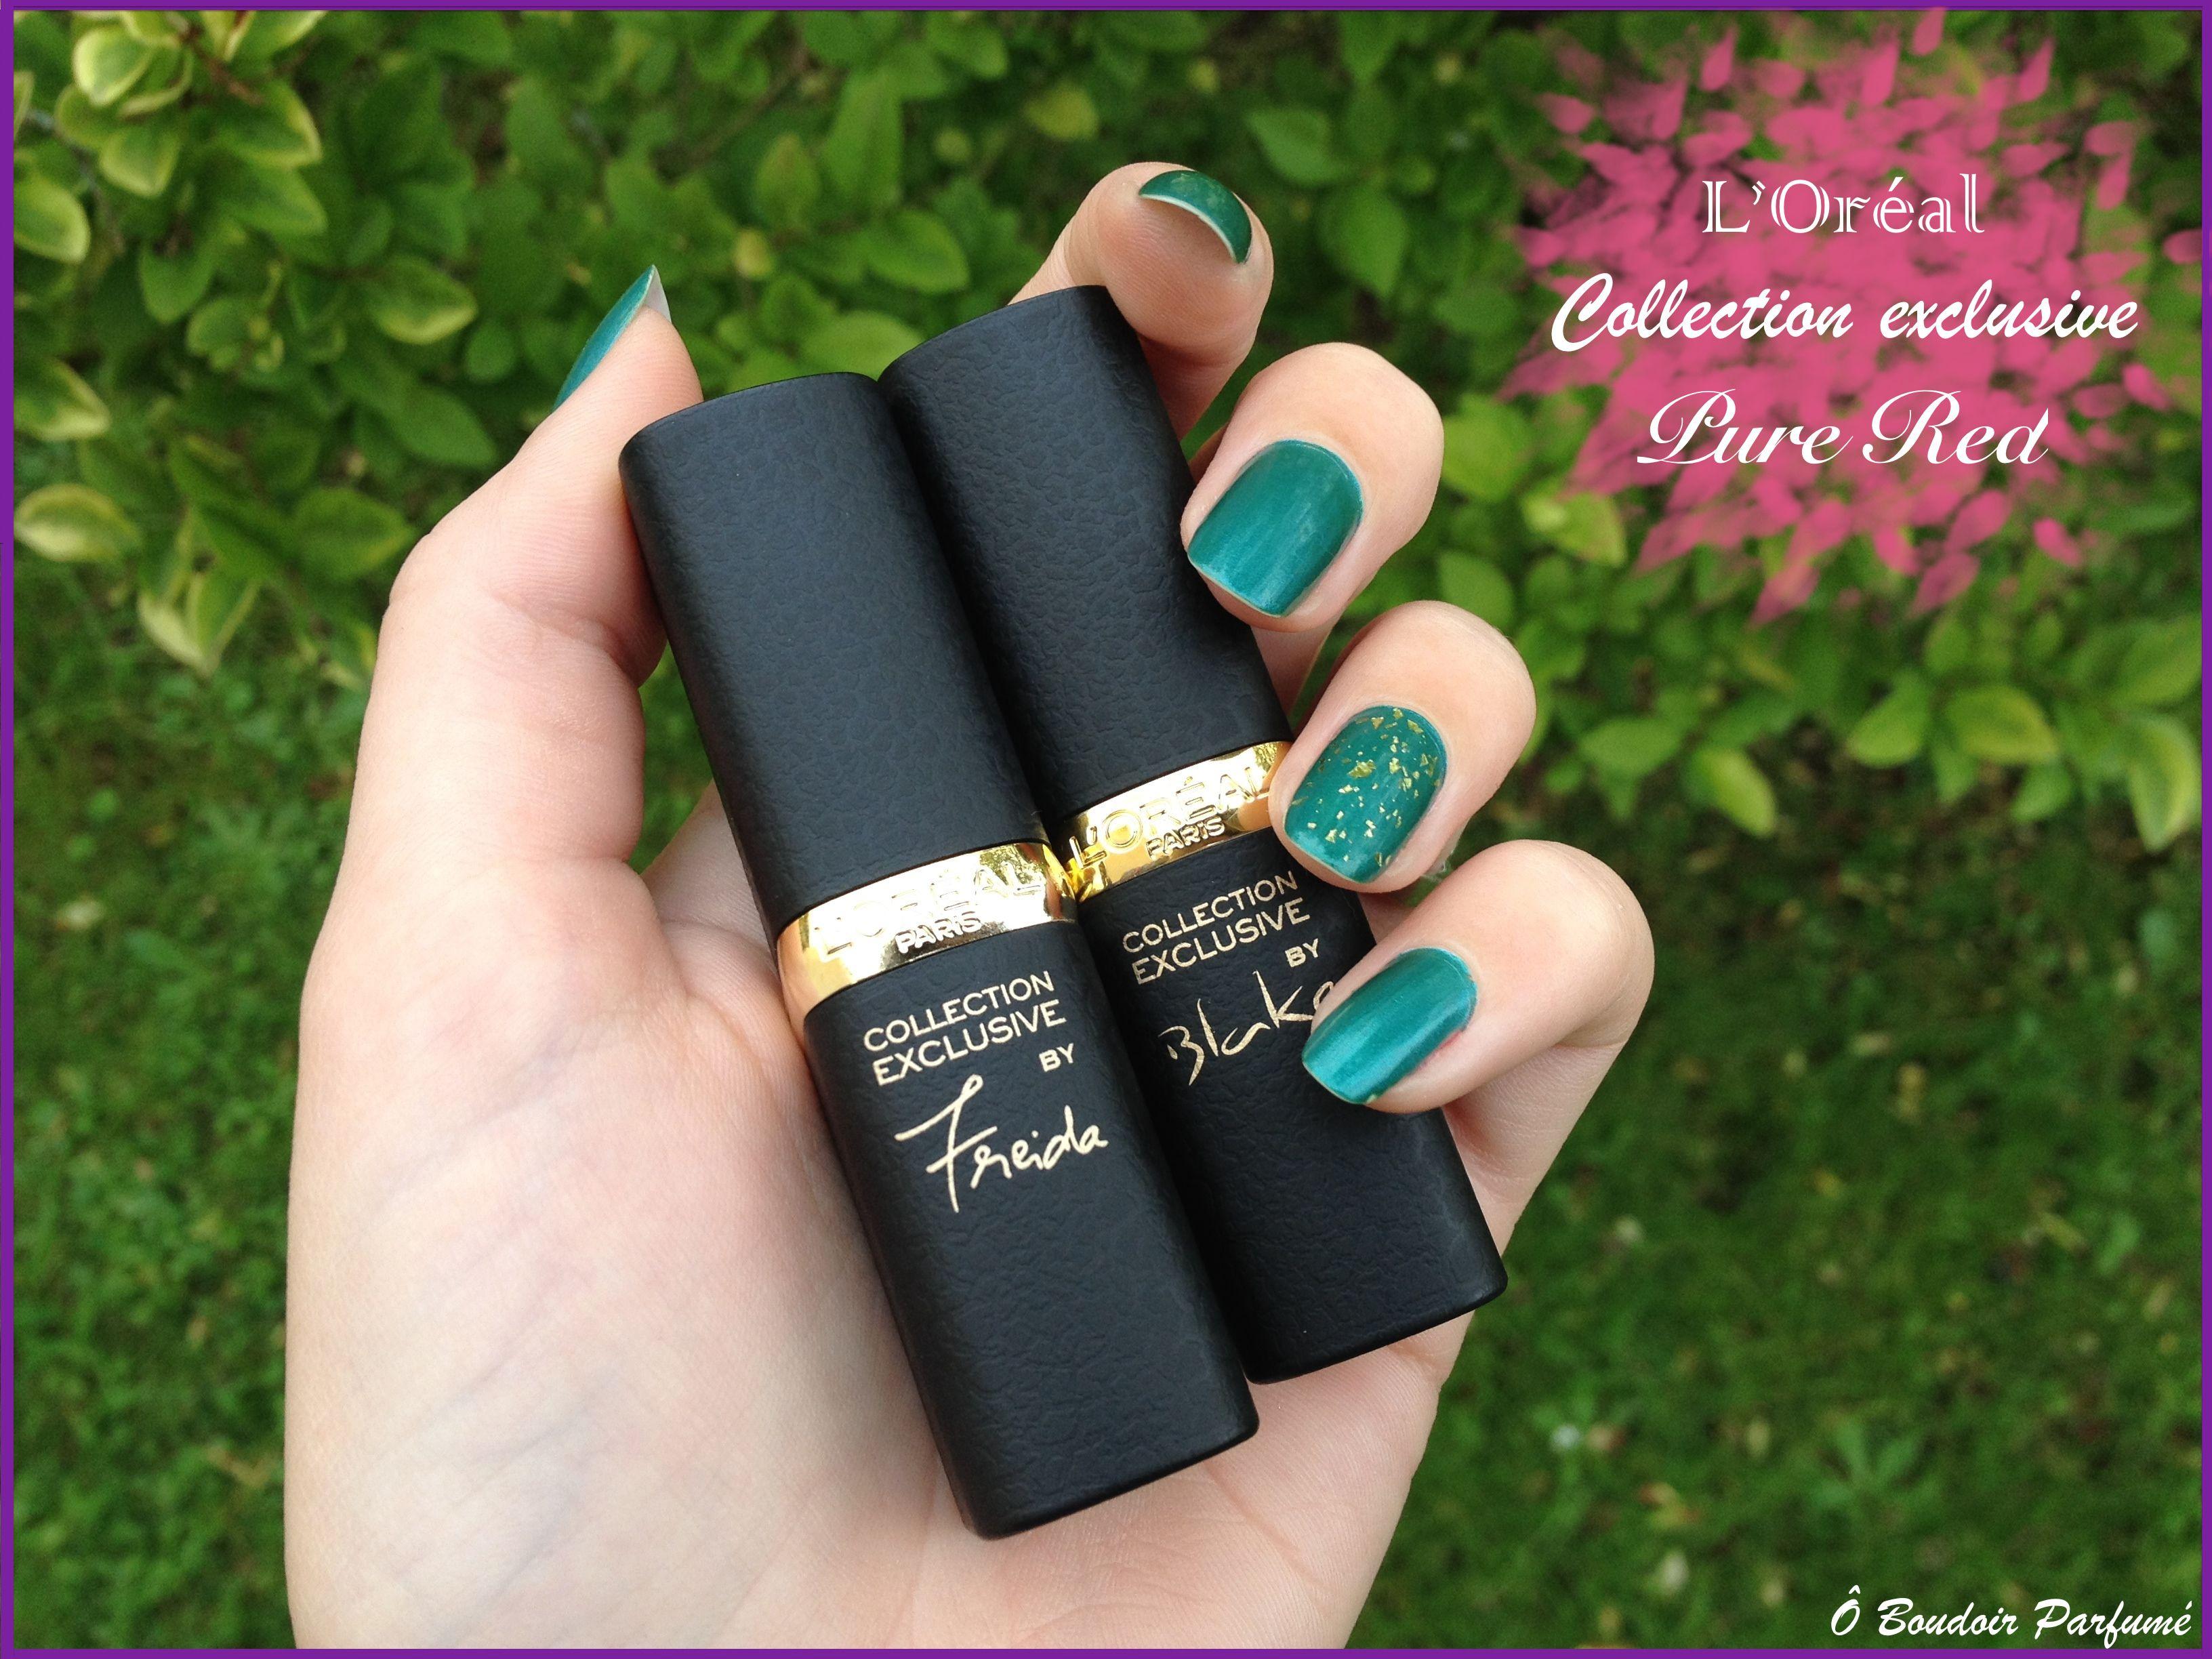 Les nouveaux rouges à lèvres de la collection exclusive pure red l'Oréal  http://oboudoirparfume.blogspot.fr/2014/11/pure-red-de-loreal-mes-levres-habillees.html